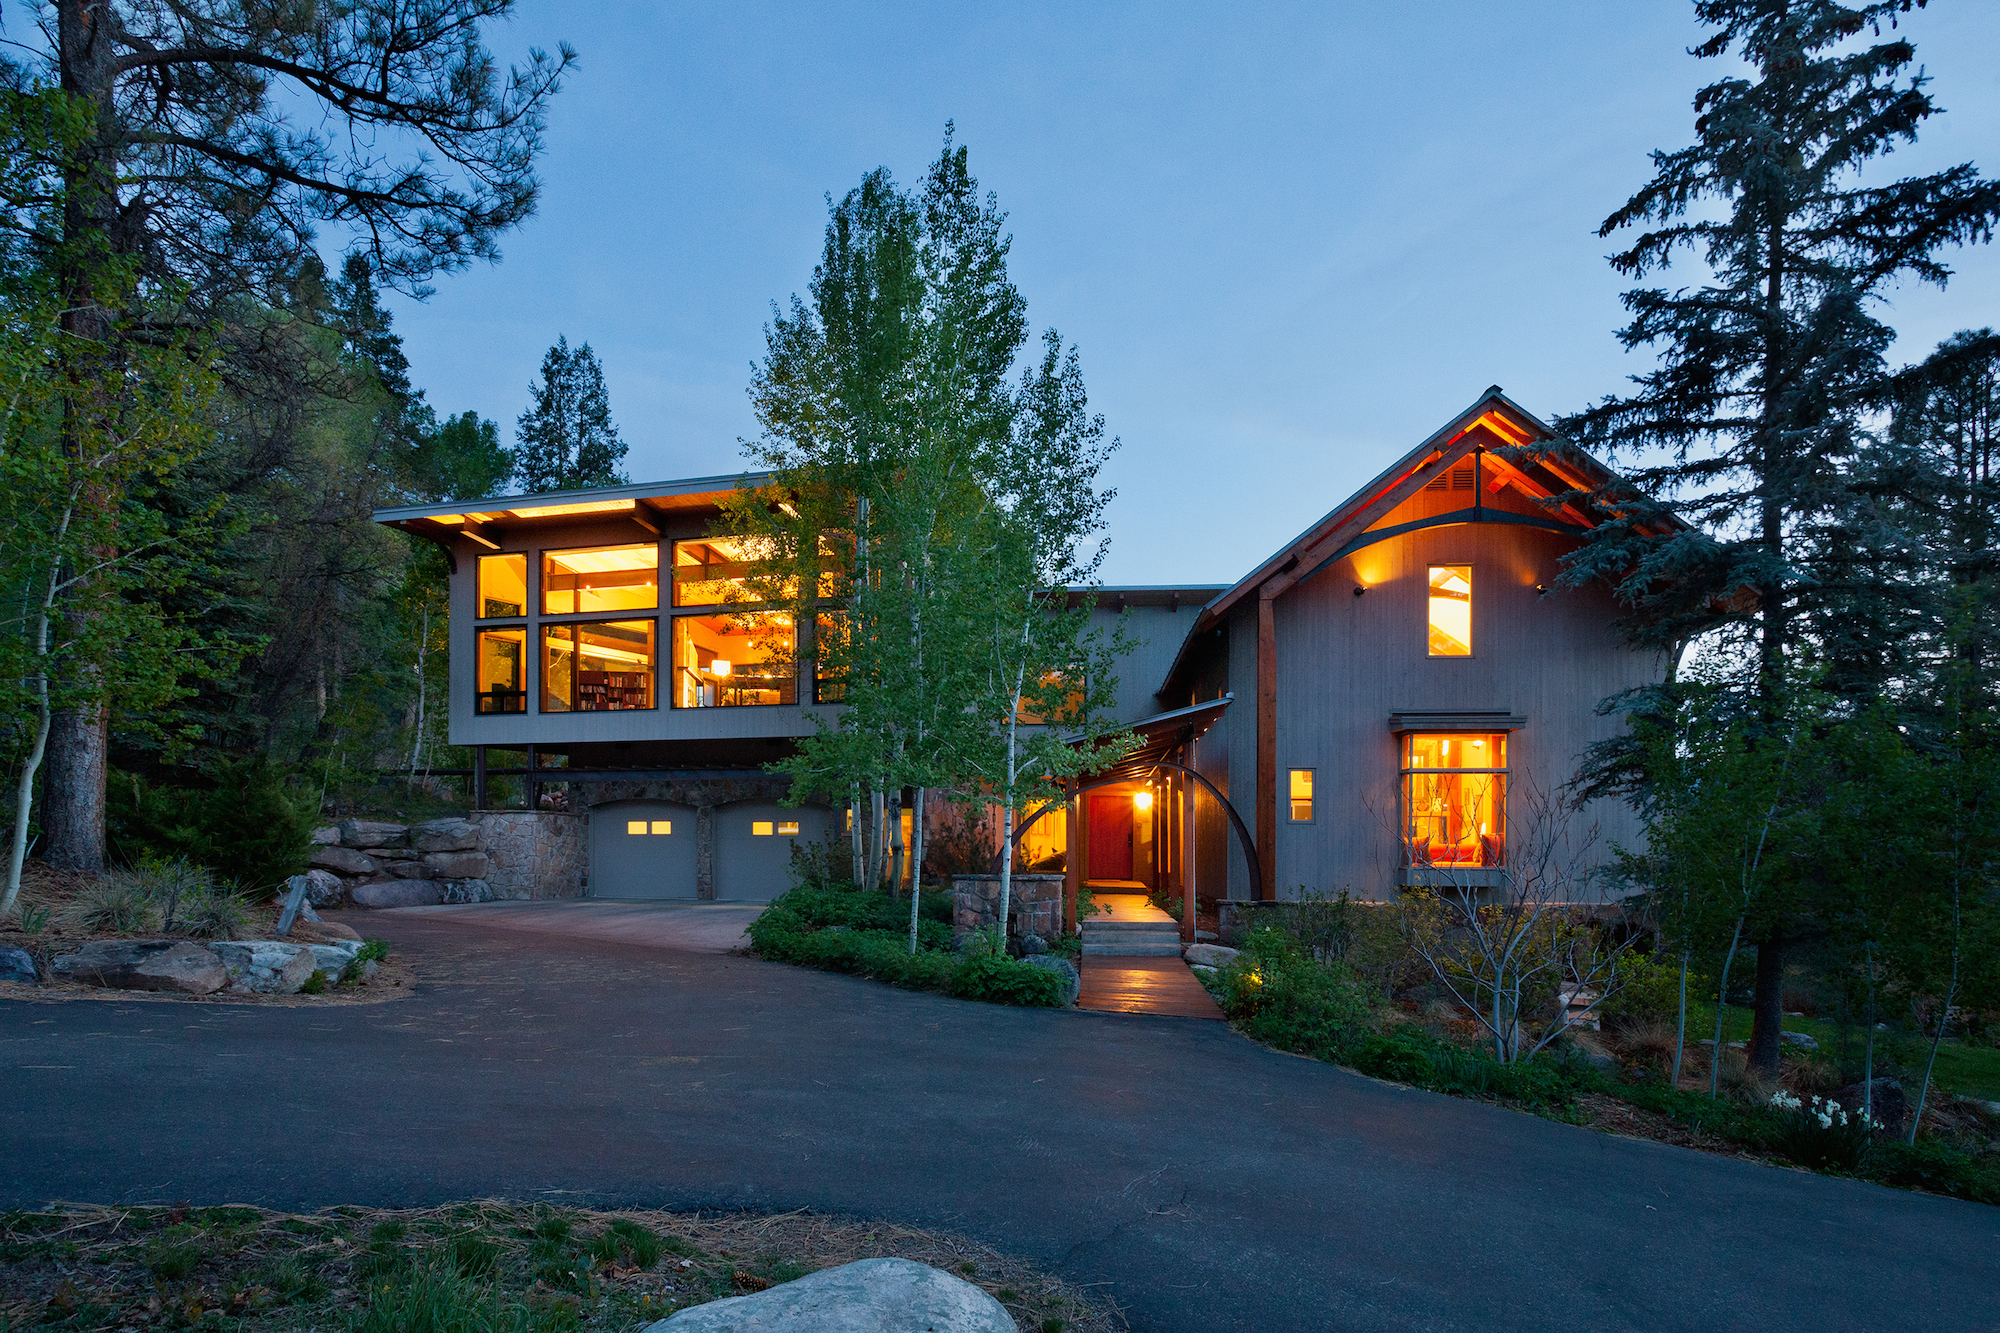 独户住宅 为 销售 在 820 Elkhorn Mountain 820 Elkhorn Mountain Road 杜兰戈, 科罗拉多州, 81301 美国